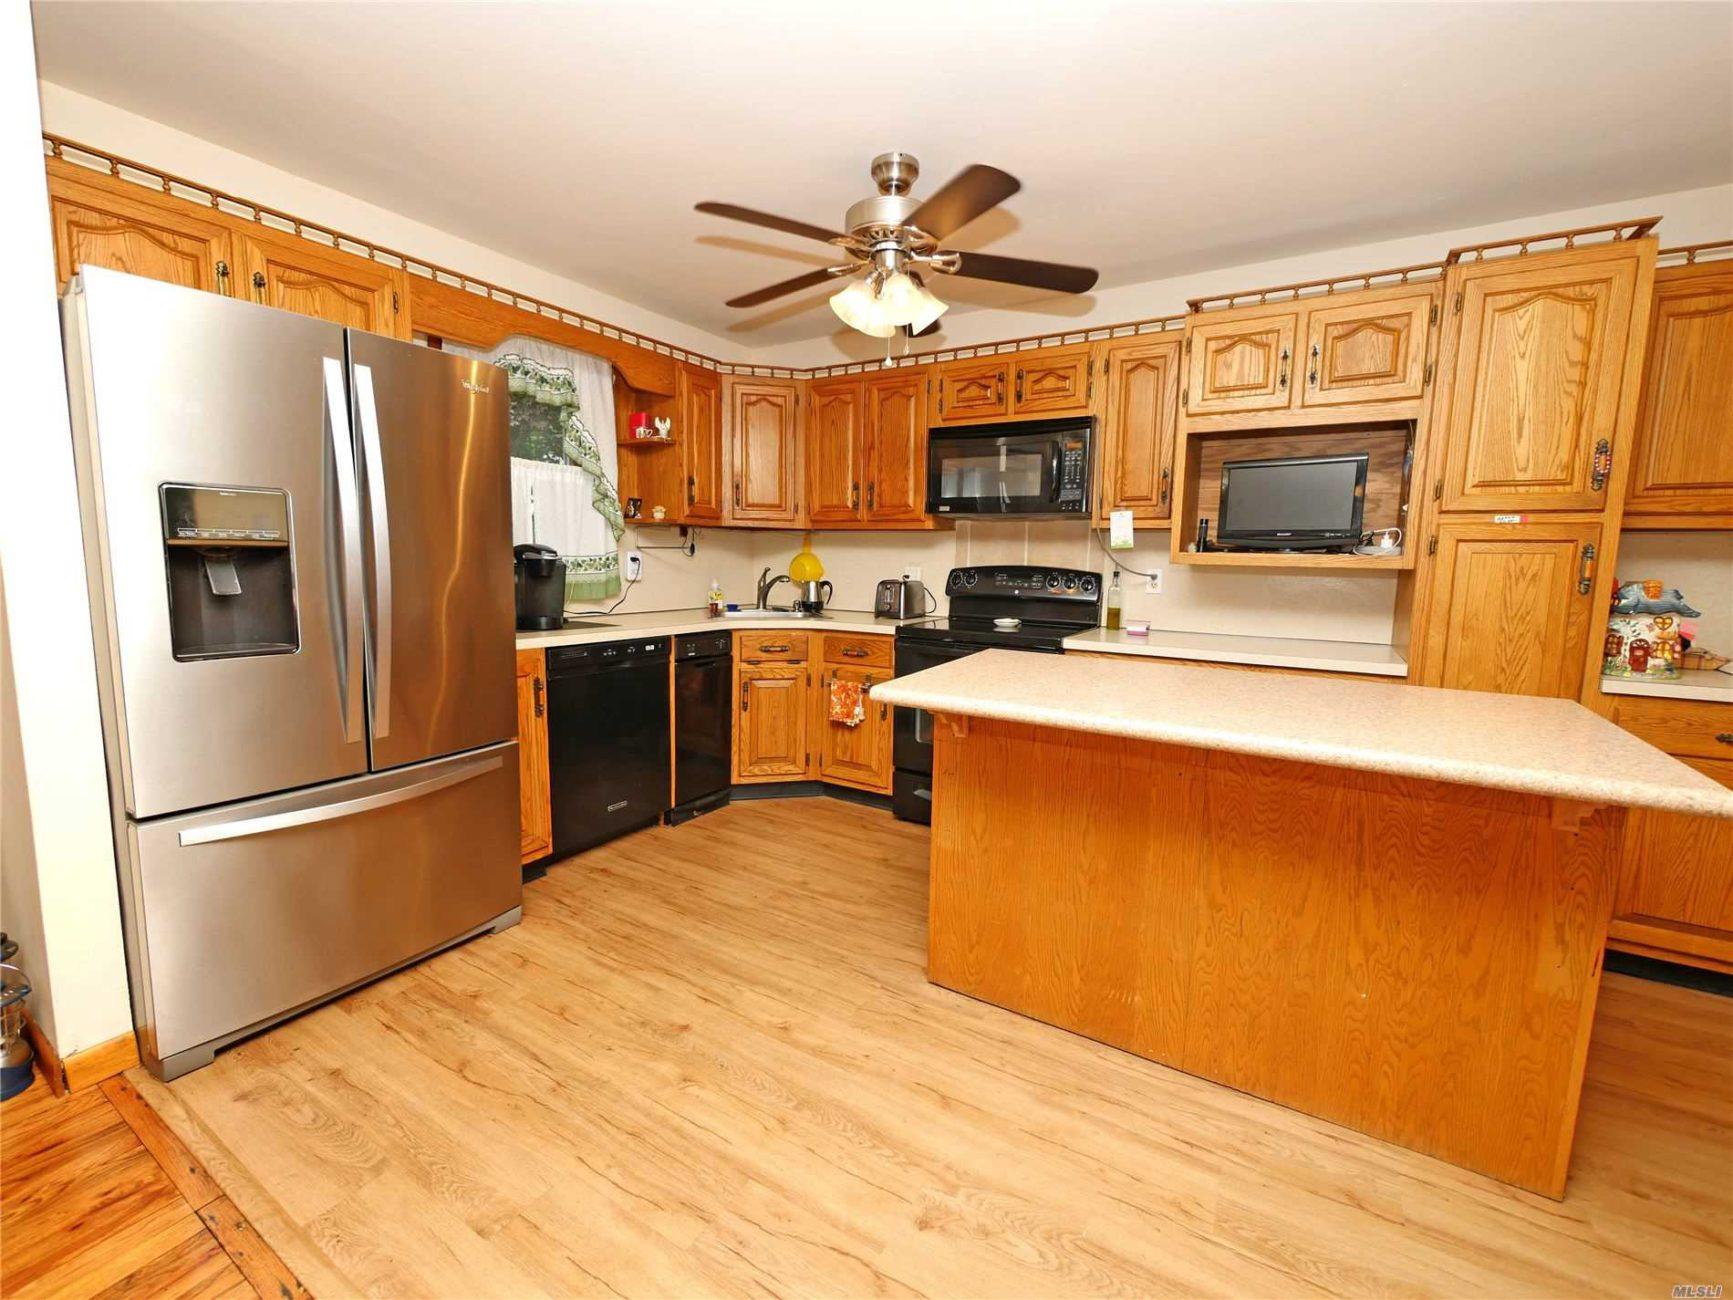 362 Browns Road. Nesconset, NY 11767